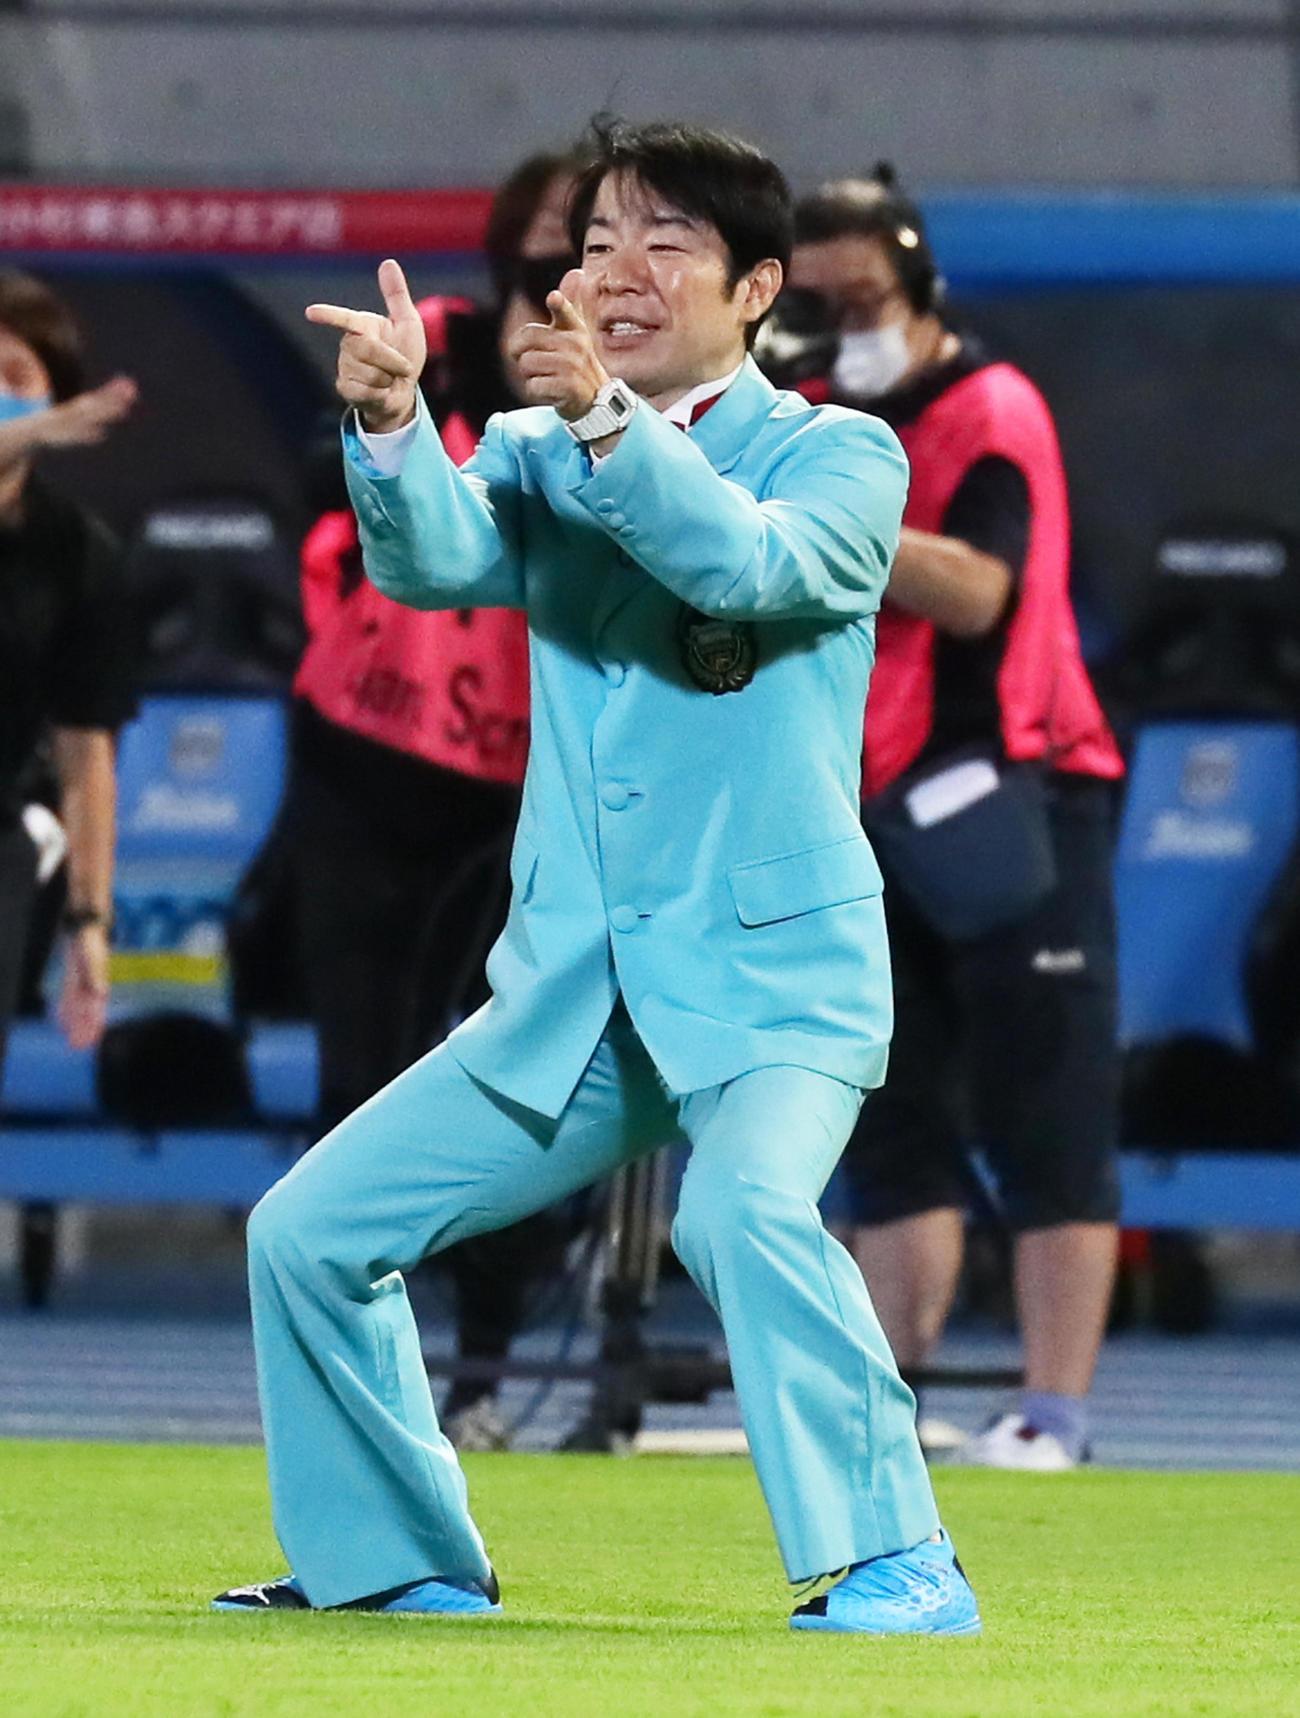 川崎F対清水 始球式を行いポーズを決めるダンディ坂野(撮影・足立雅史)